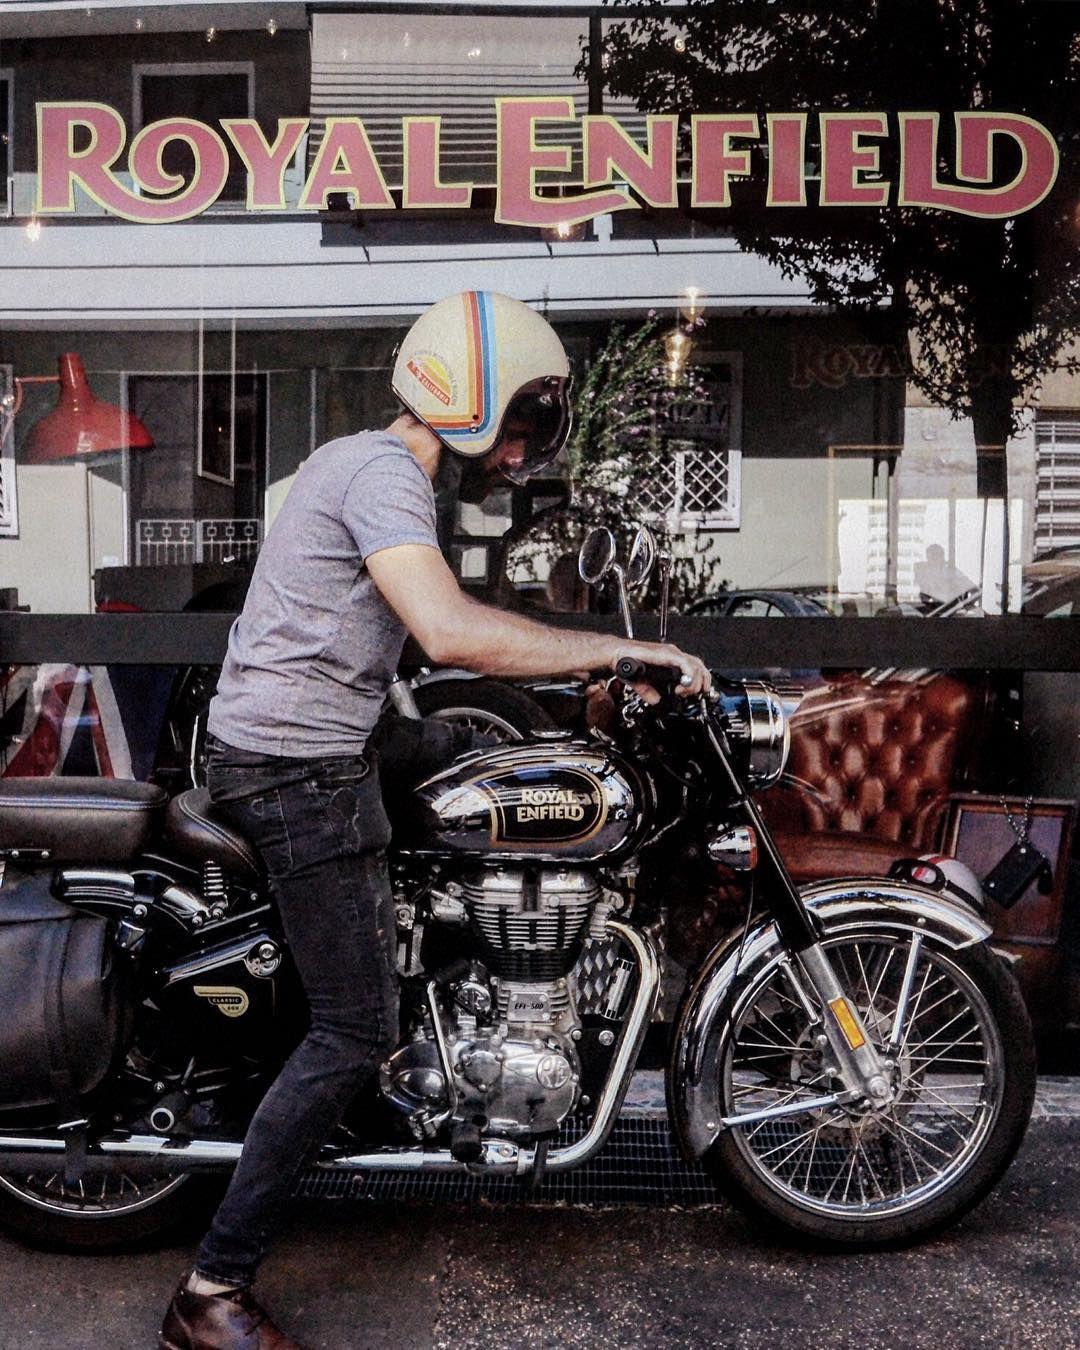 Notre essai de la Royal Enfield Classic Chrome: rendez-vous avec un mythe!